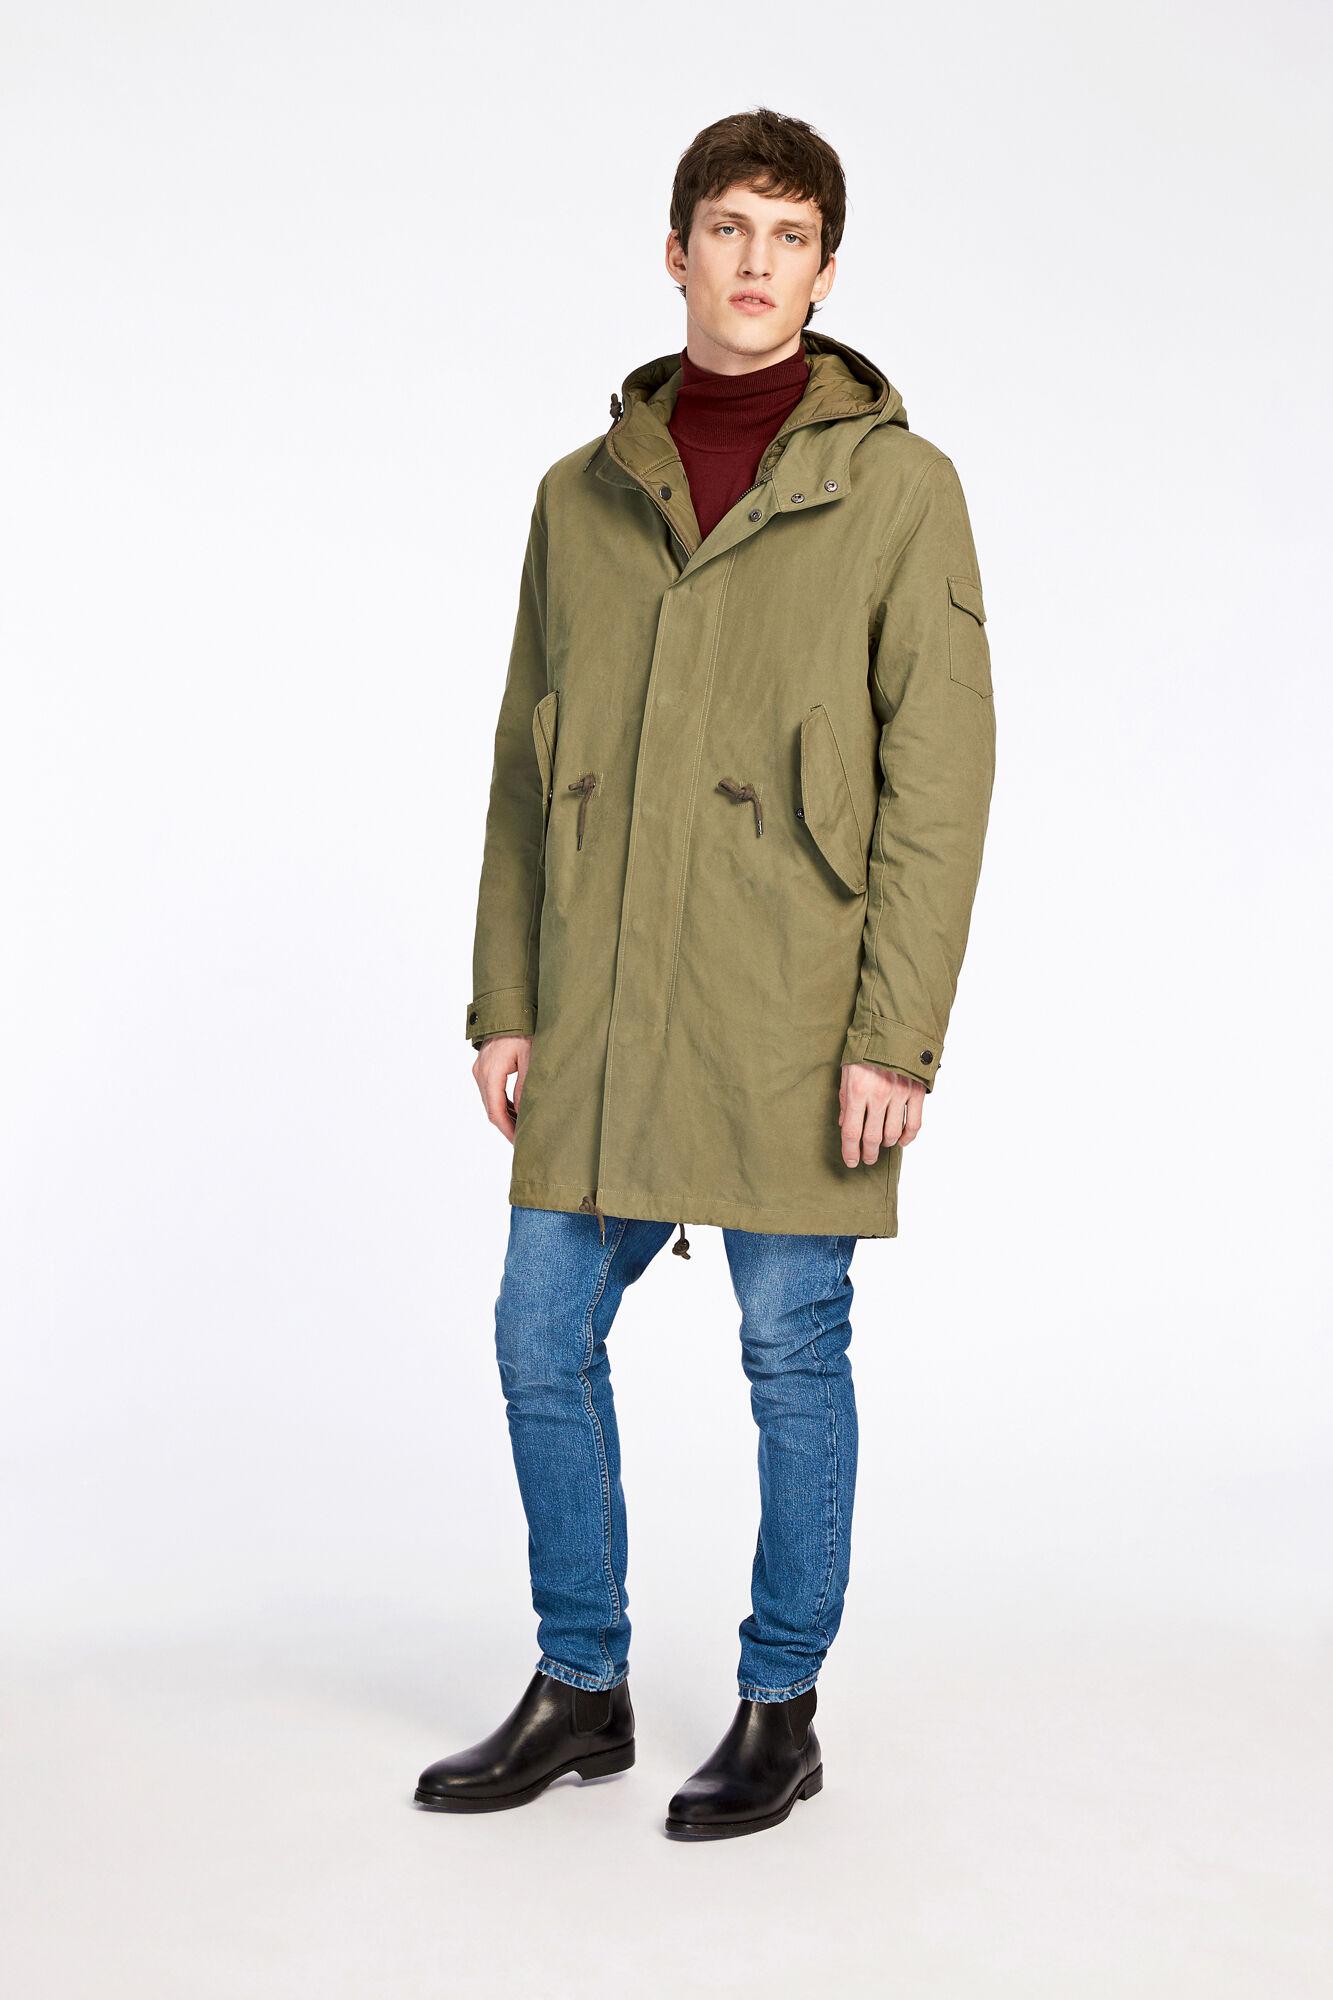 Marconi jacket 8231, DUSTY OLIVE